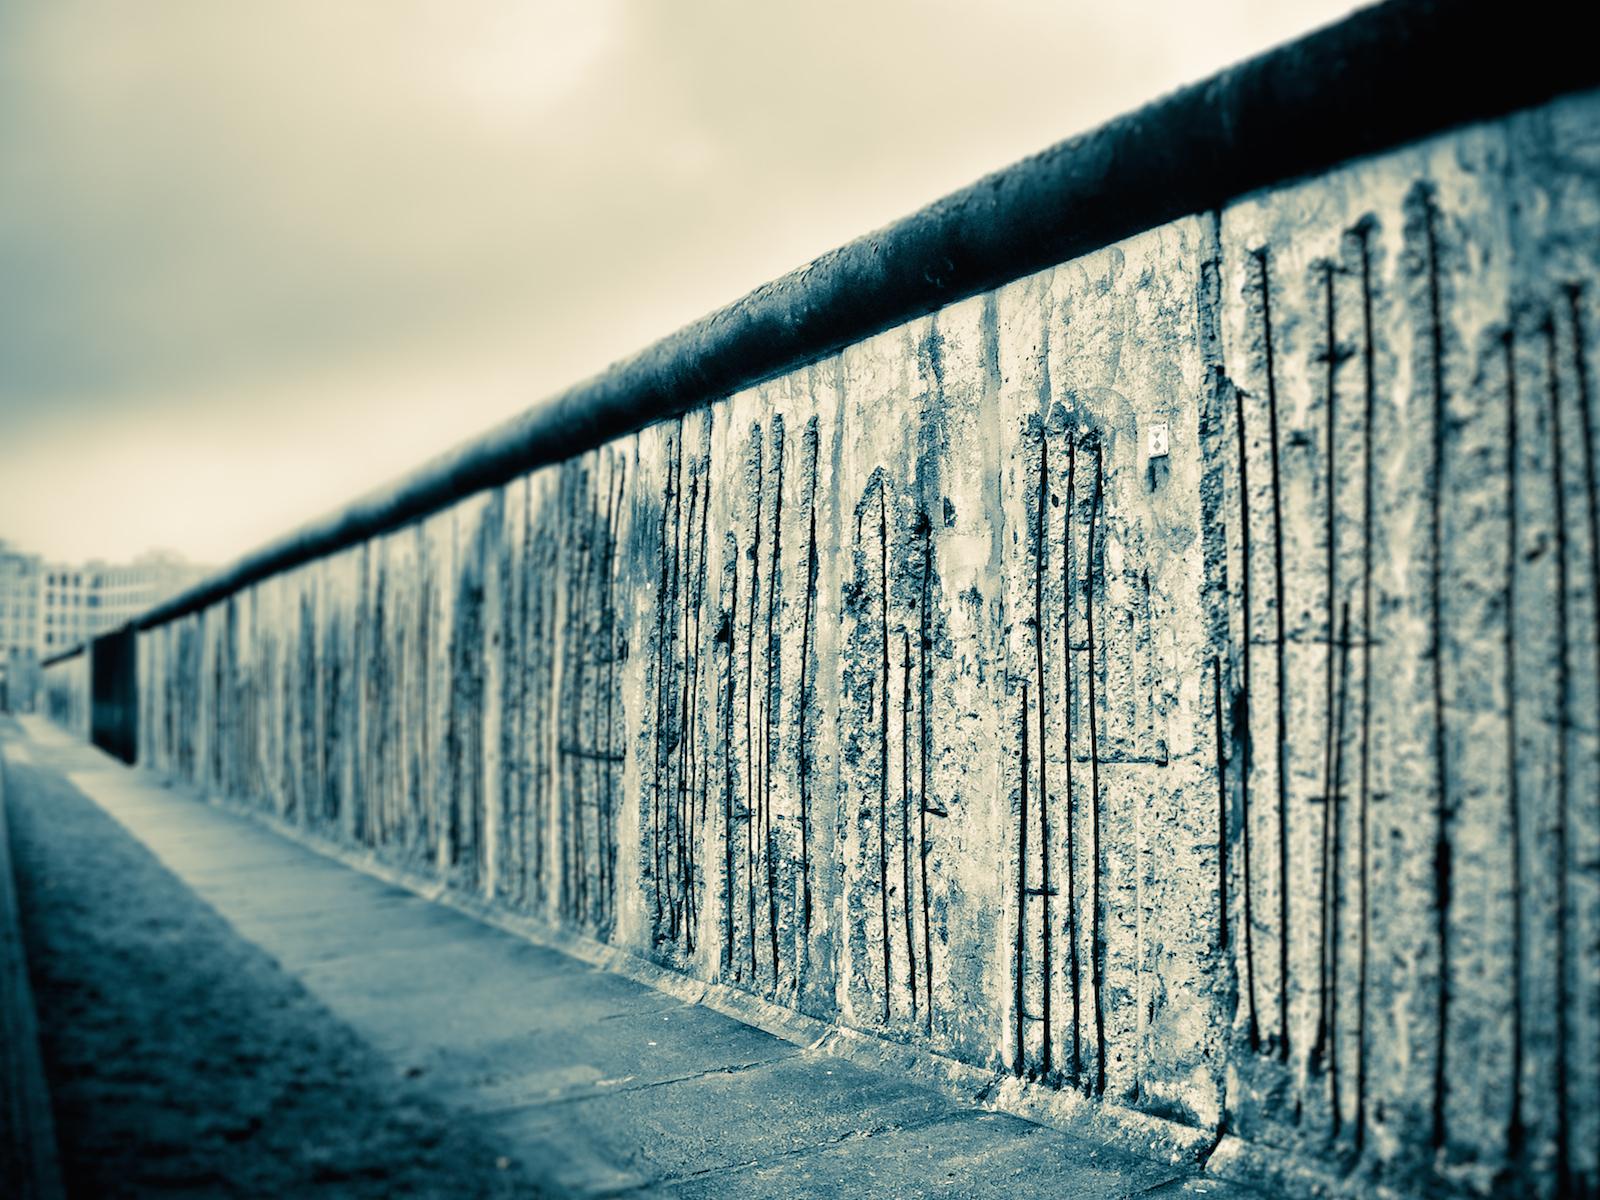 Afbeeldingsresultaat voor berlijnse muur